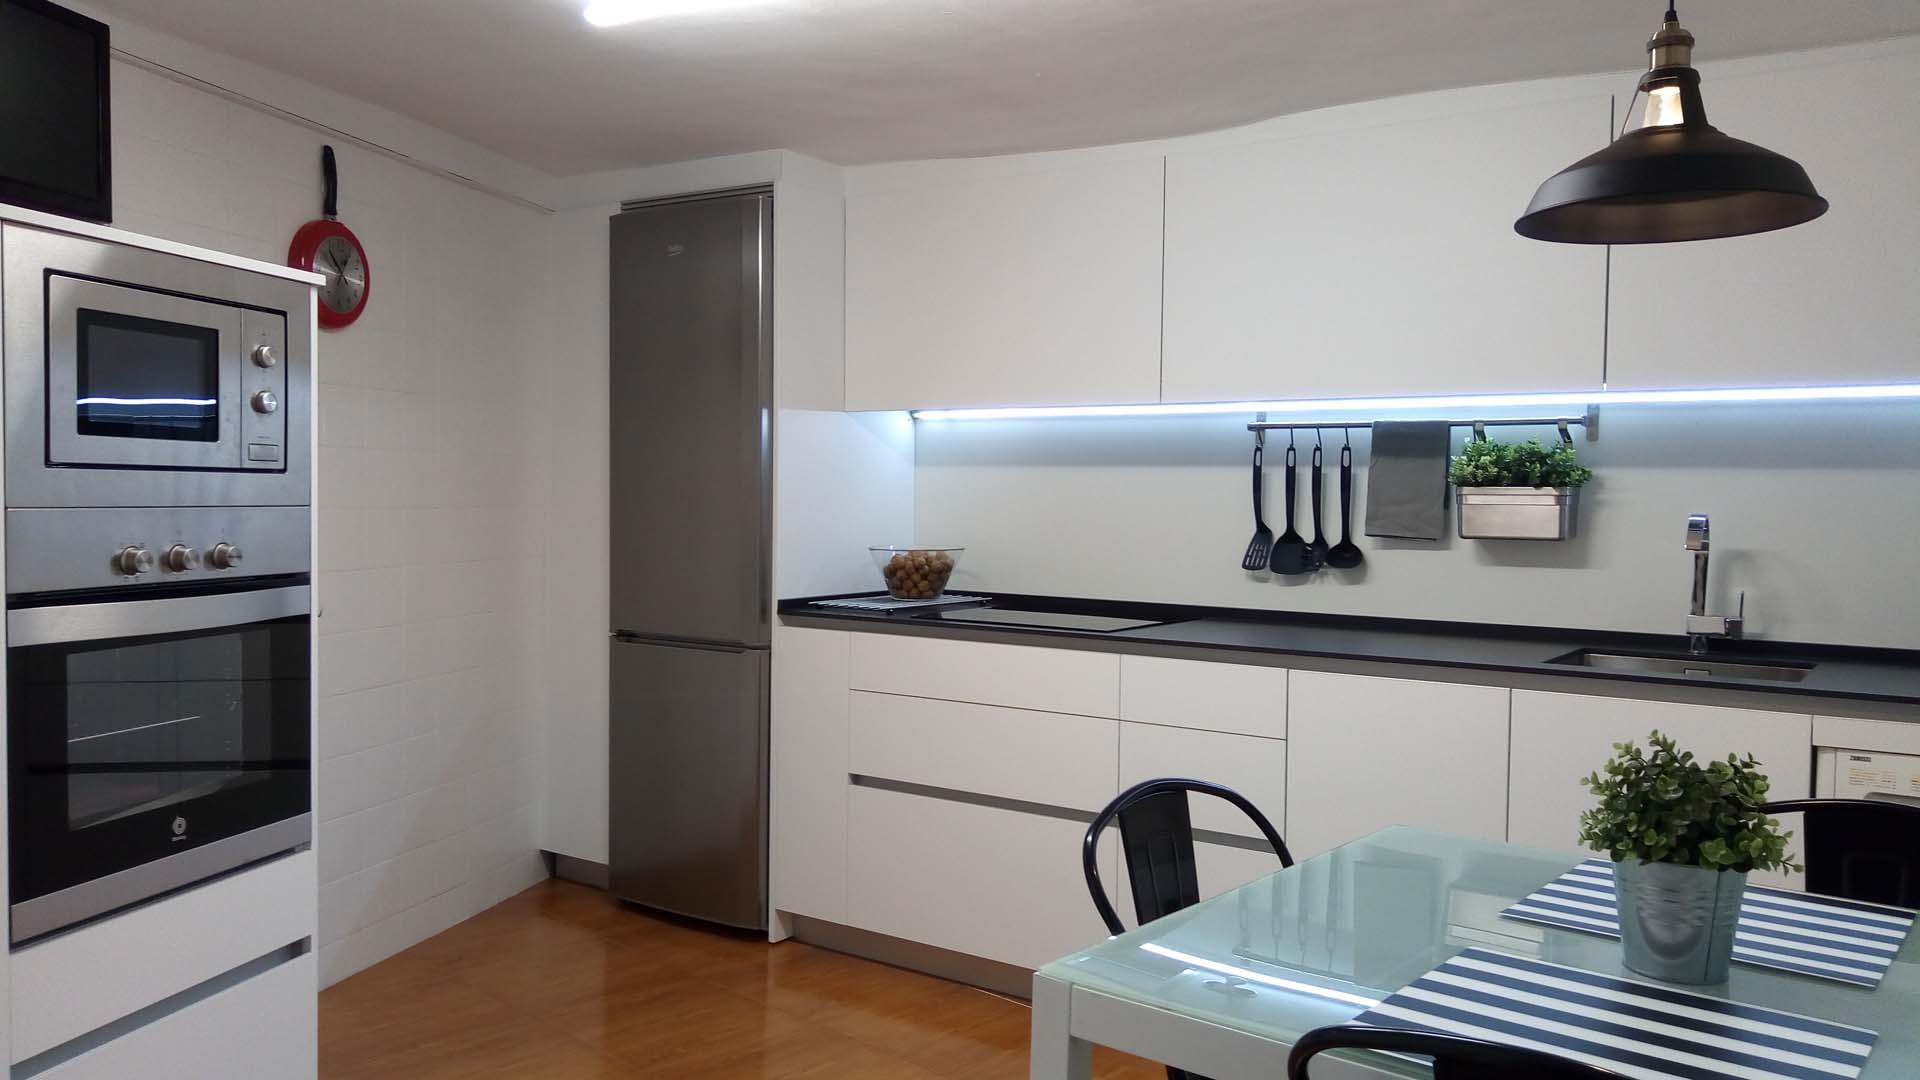 Cocina laminado blanco mate r103 cu a aluminio arnit for Modelos de cajoneras para cocina